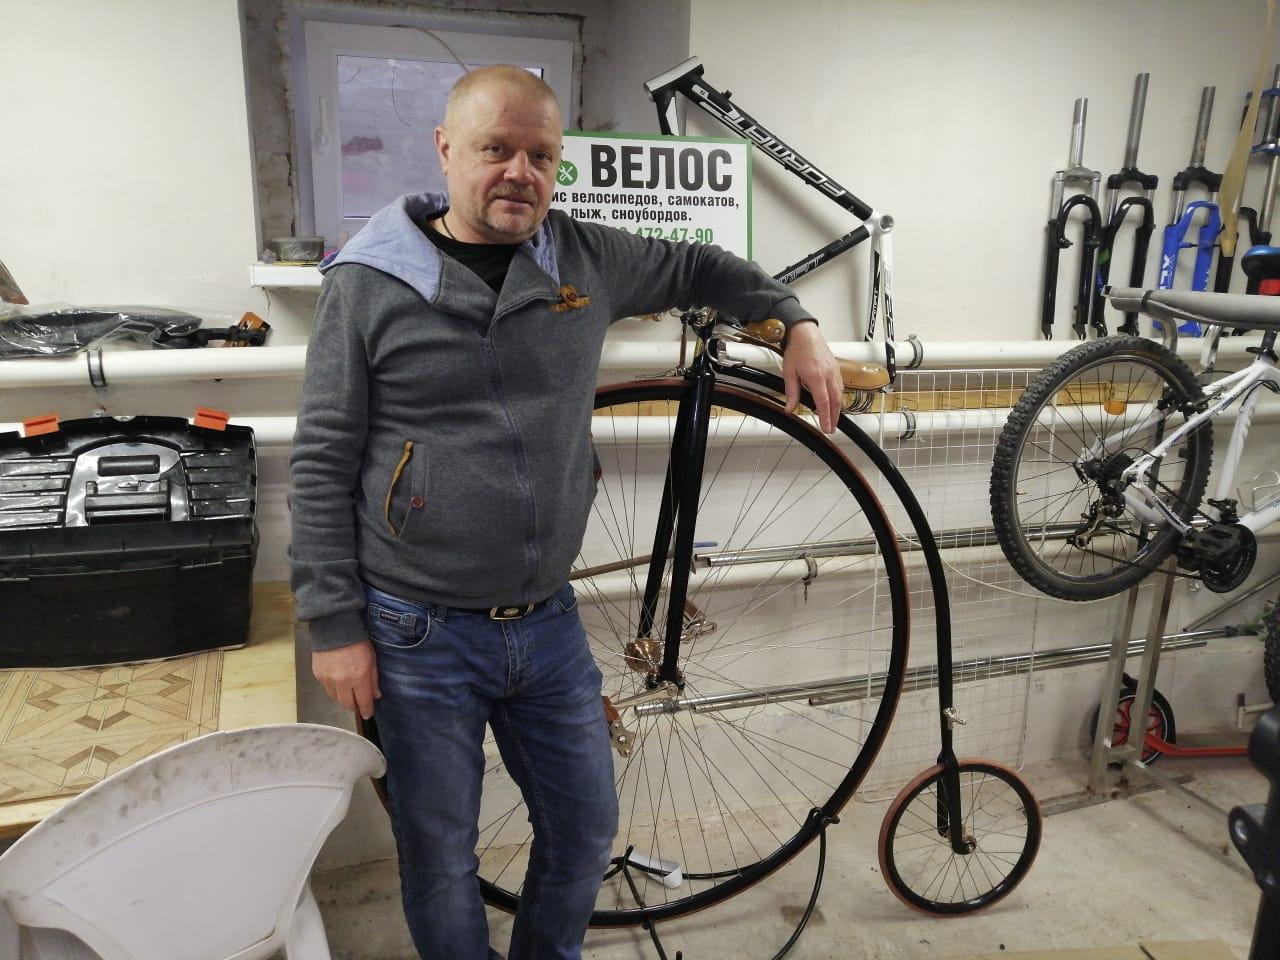 Мастер стоит рядом с велосипедом